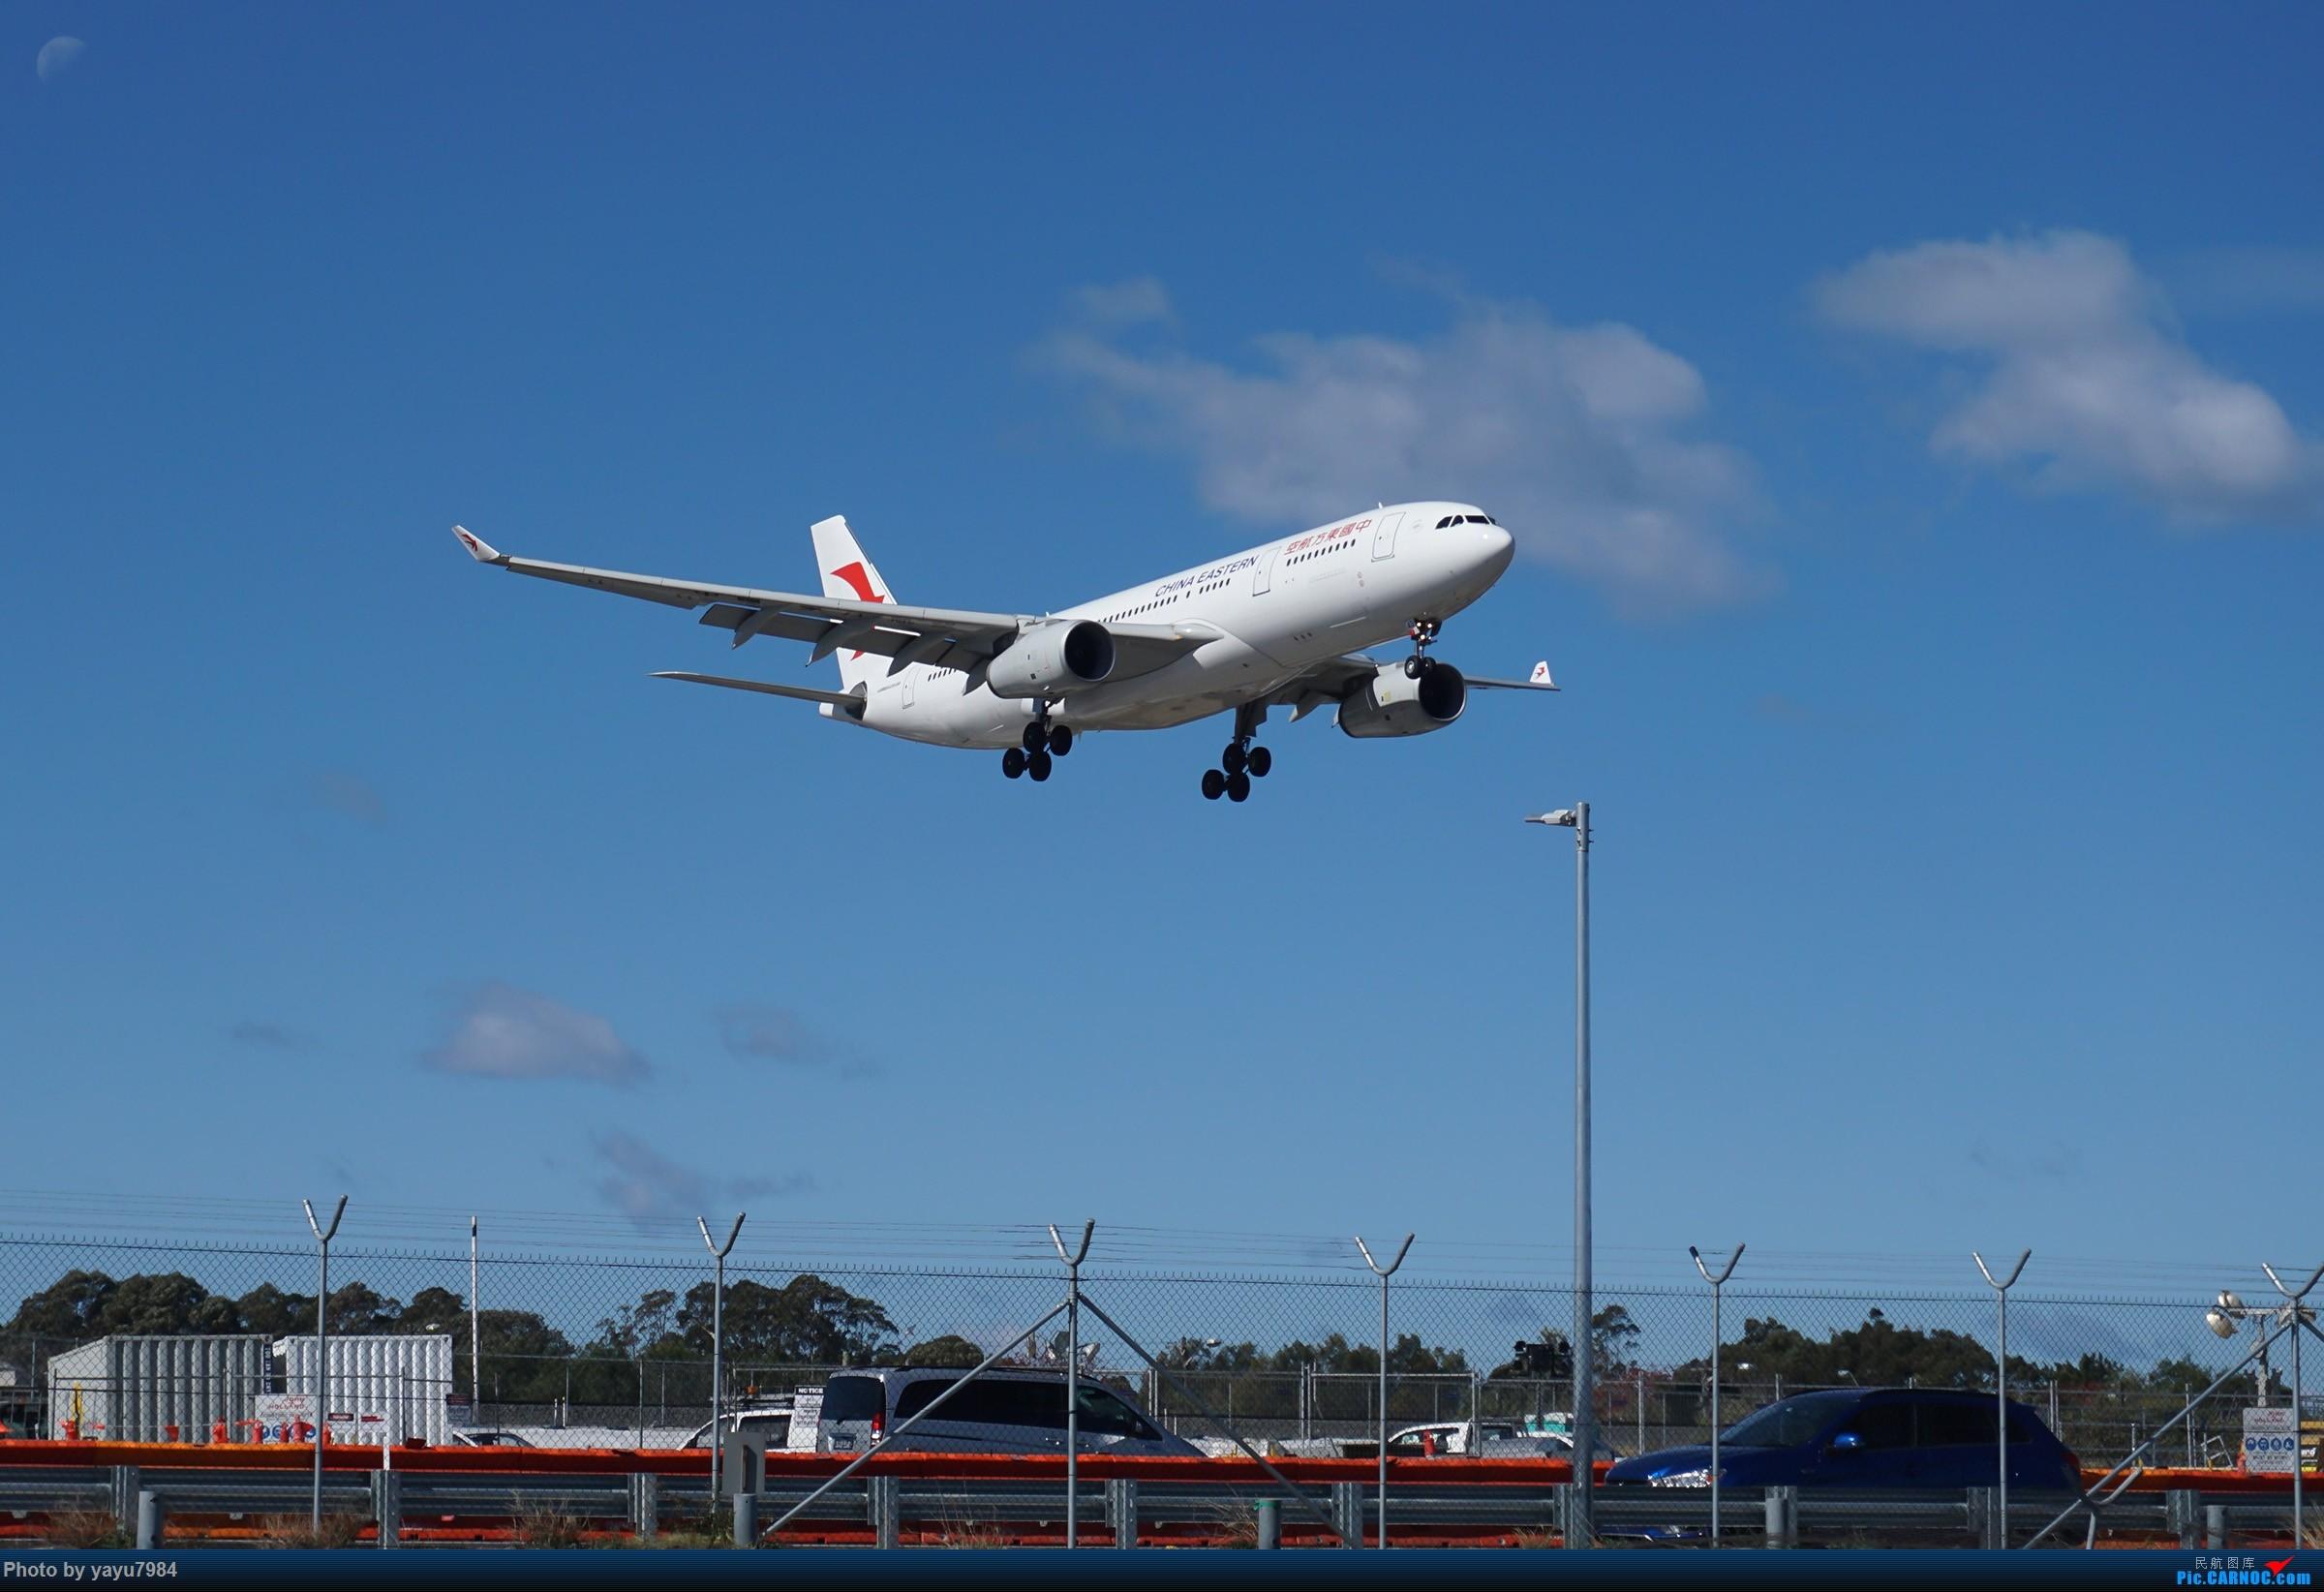 Re:[原创][SYD] 25跑道头打卡,有幸收集到4架MU的A332 AIRBUS A330-200 B-6543 澳大利亚悉尼金斯福德·史密斯机场